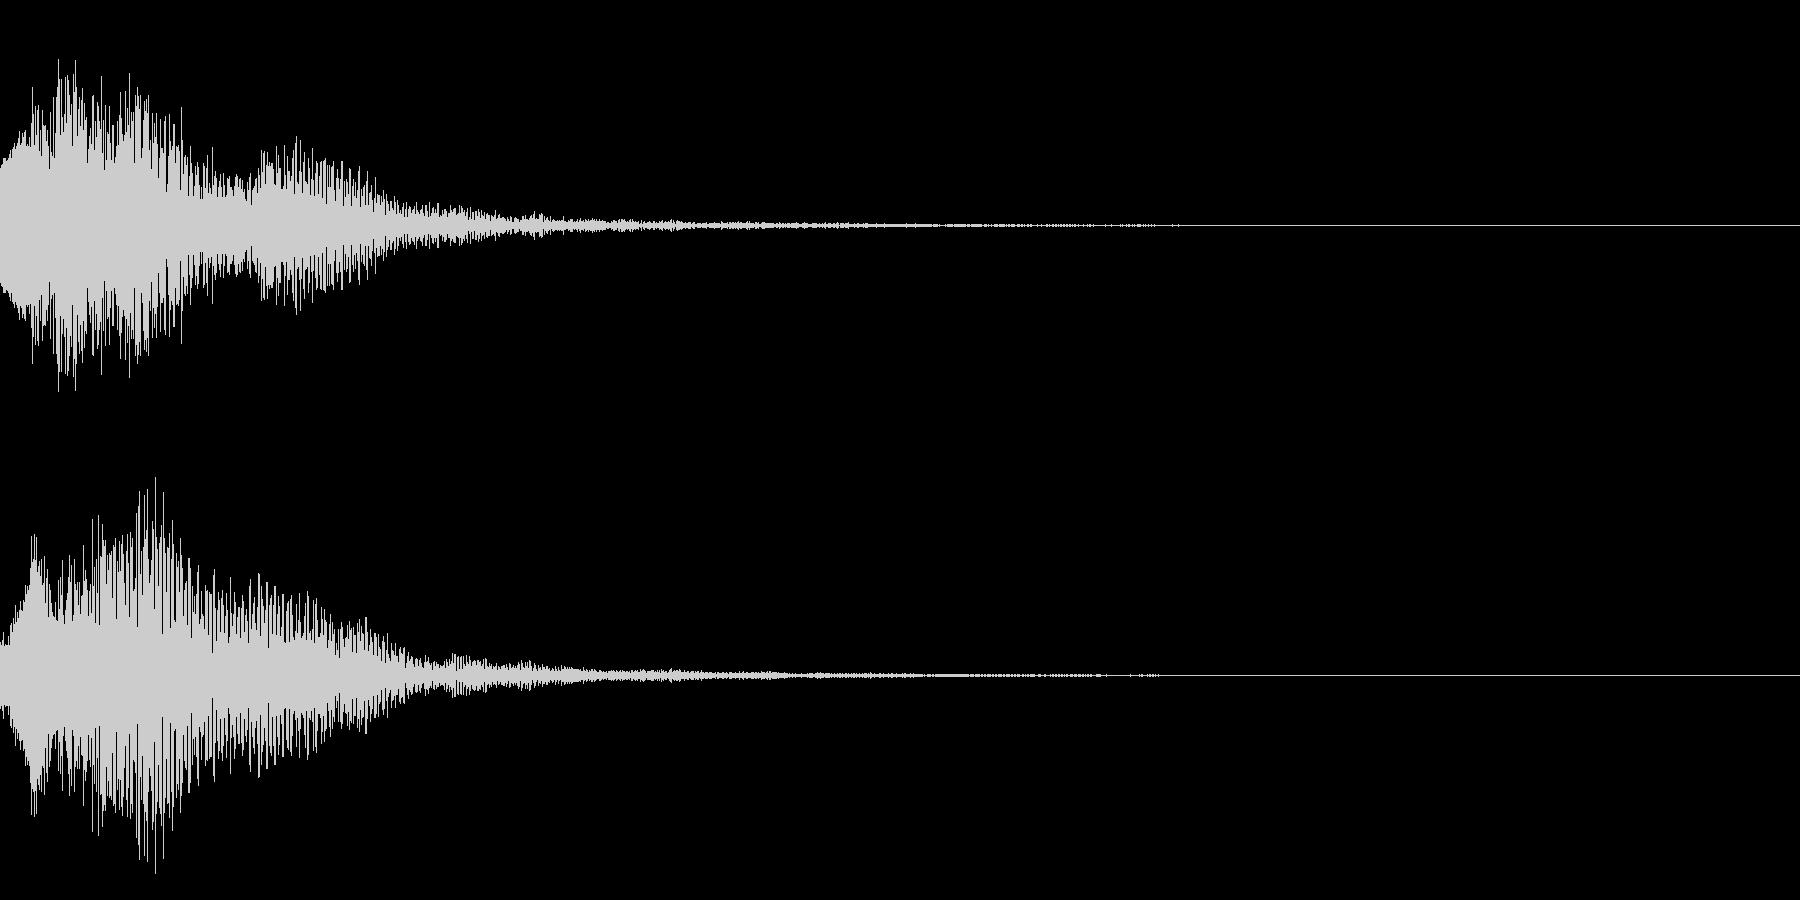 明るいテロップ音 ボタン音 決定音08bの未再生の波形